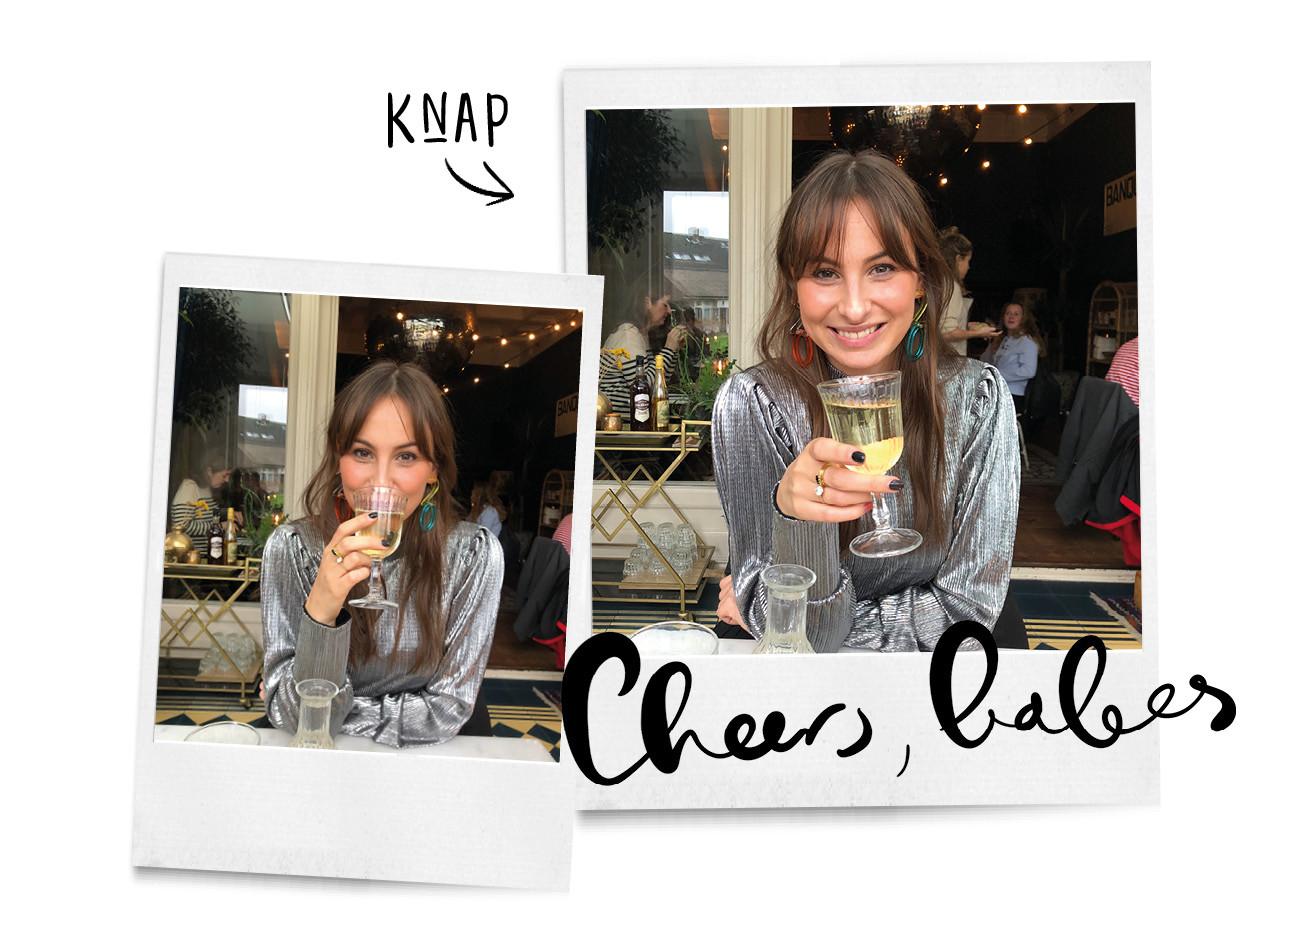 lilian die met een glas champagne aan een tafeltje zit